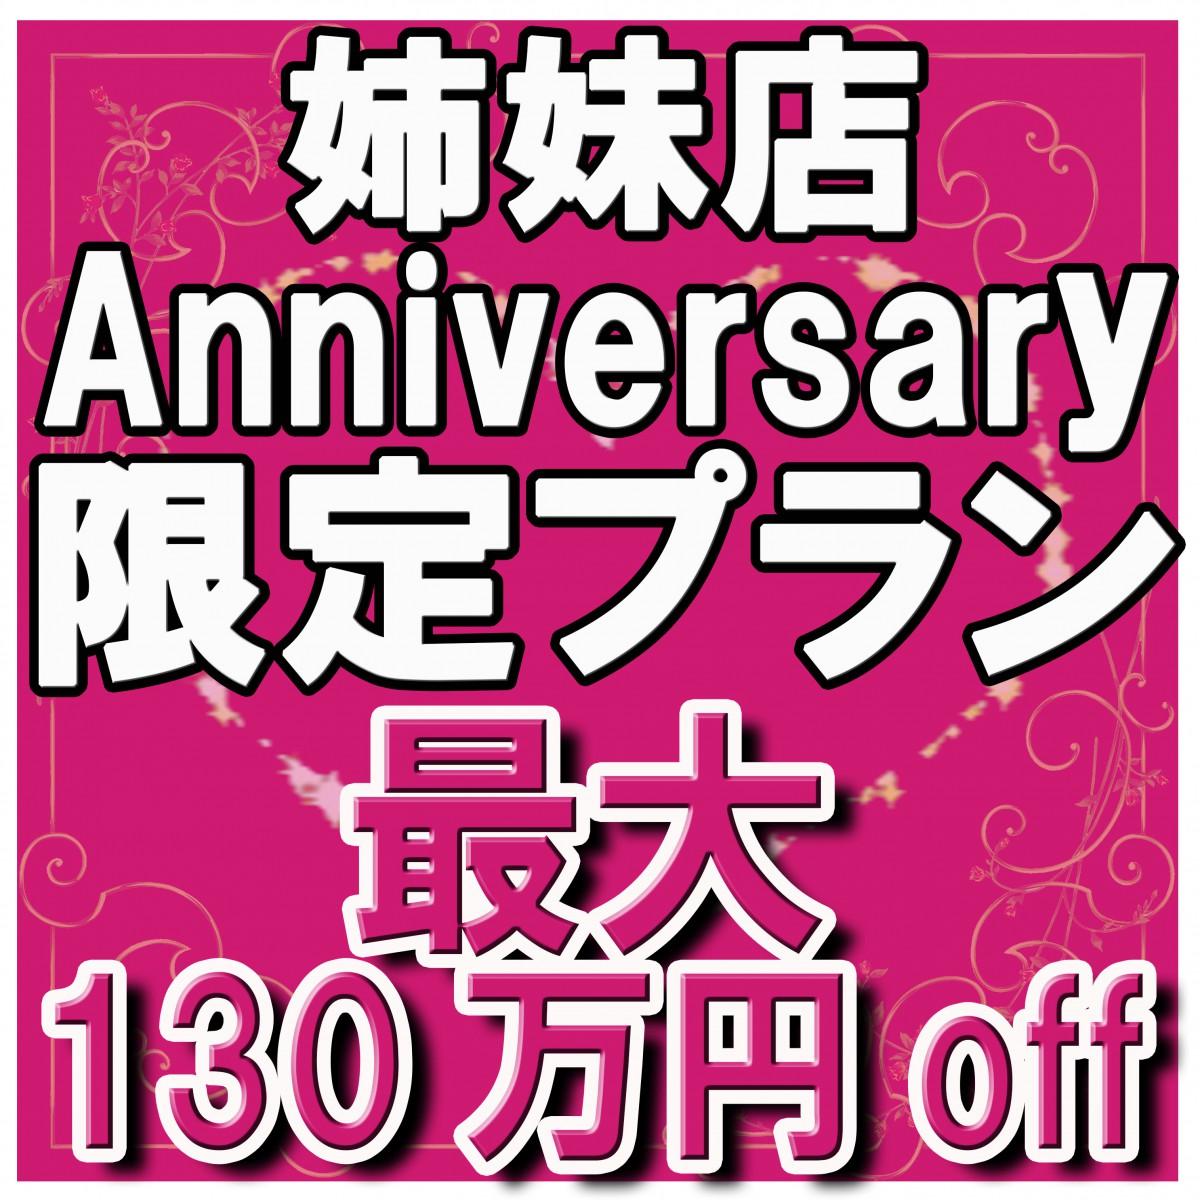 残2組★最大130万円OFF!先着10組限定!姉妹店アニバーサリープラン!